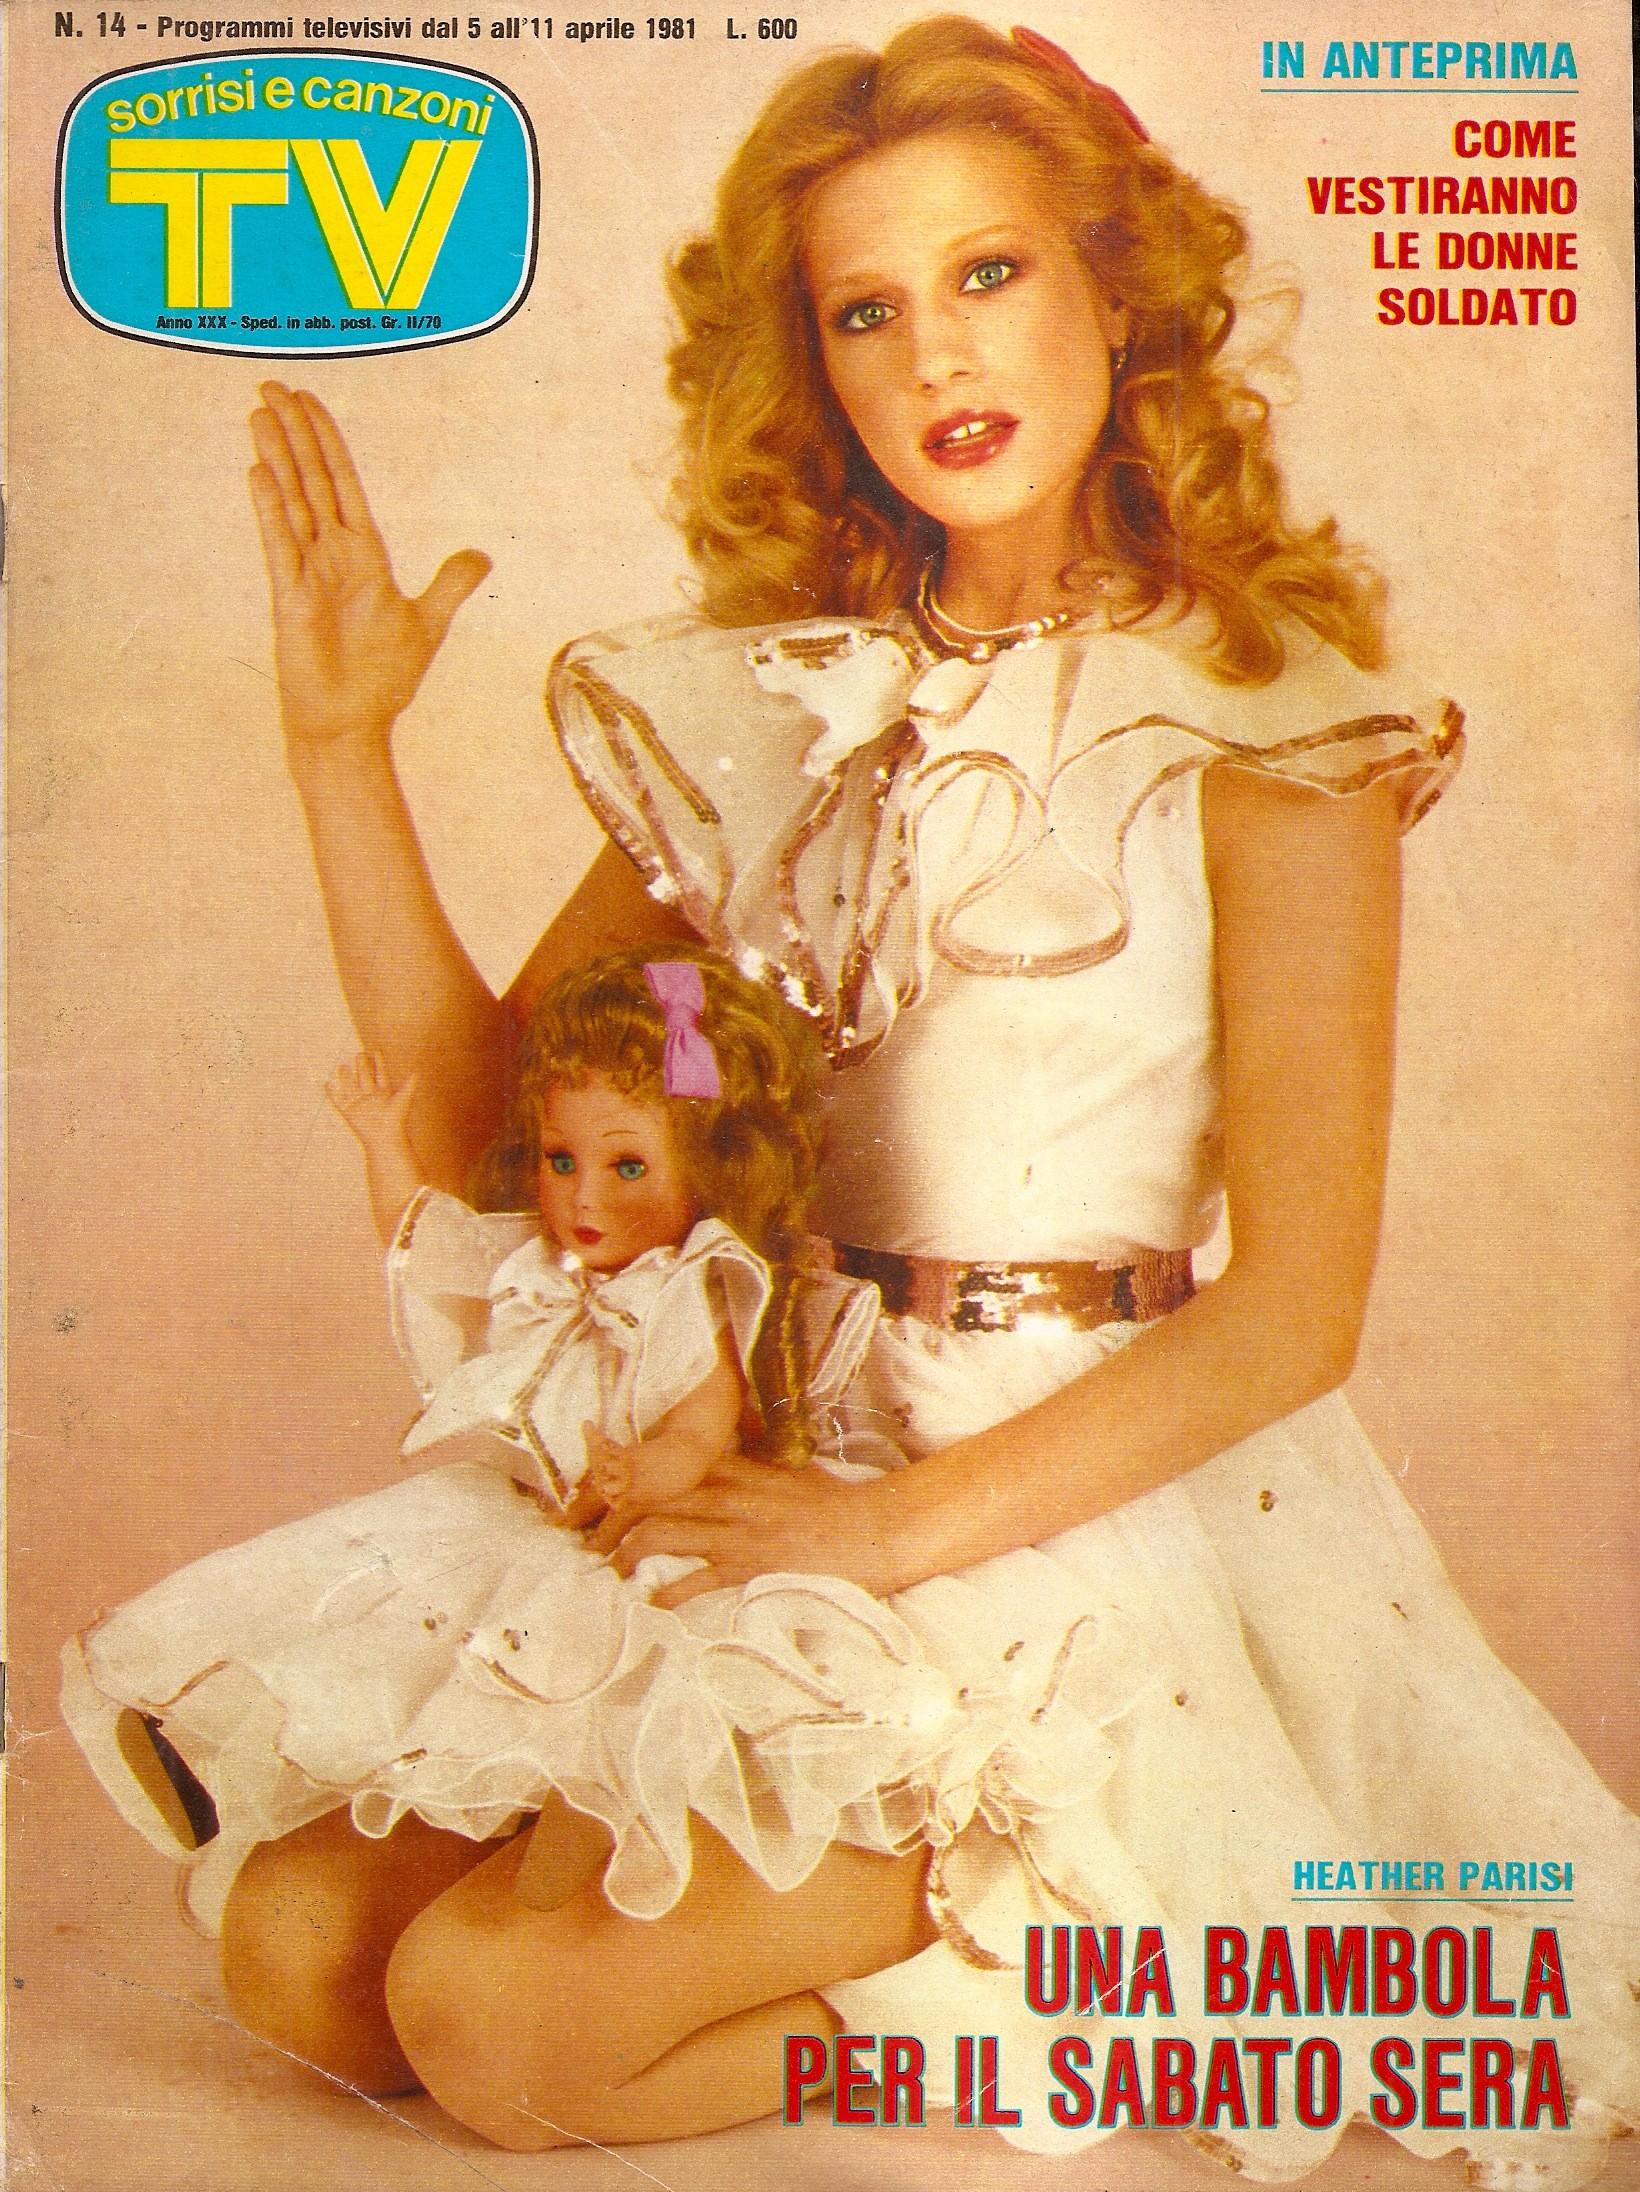 Sorrisi e Canzoni TV - Copertina con Heather Parisi - 1981 -